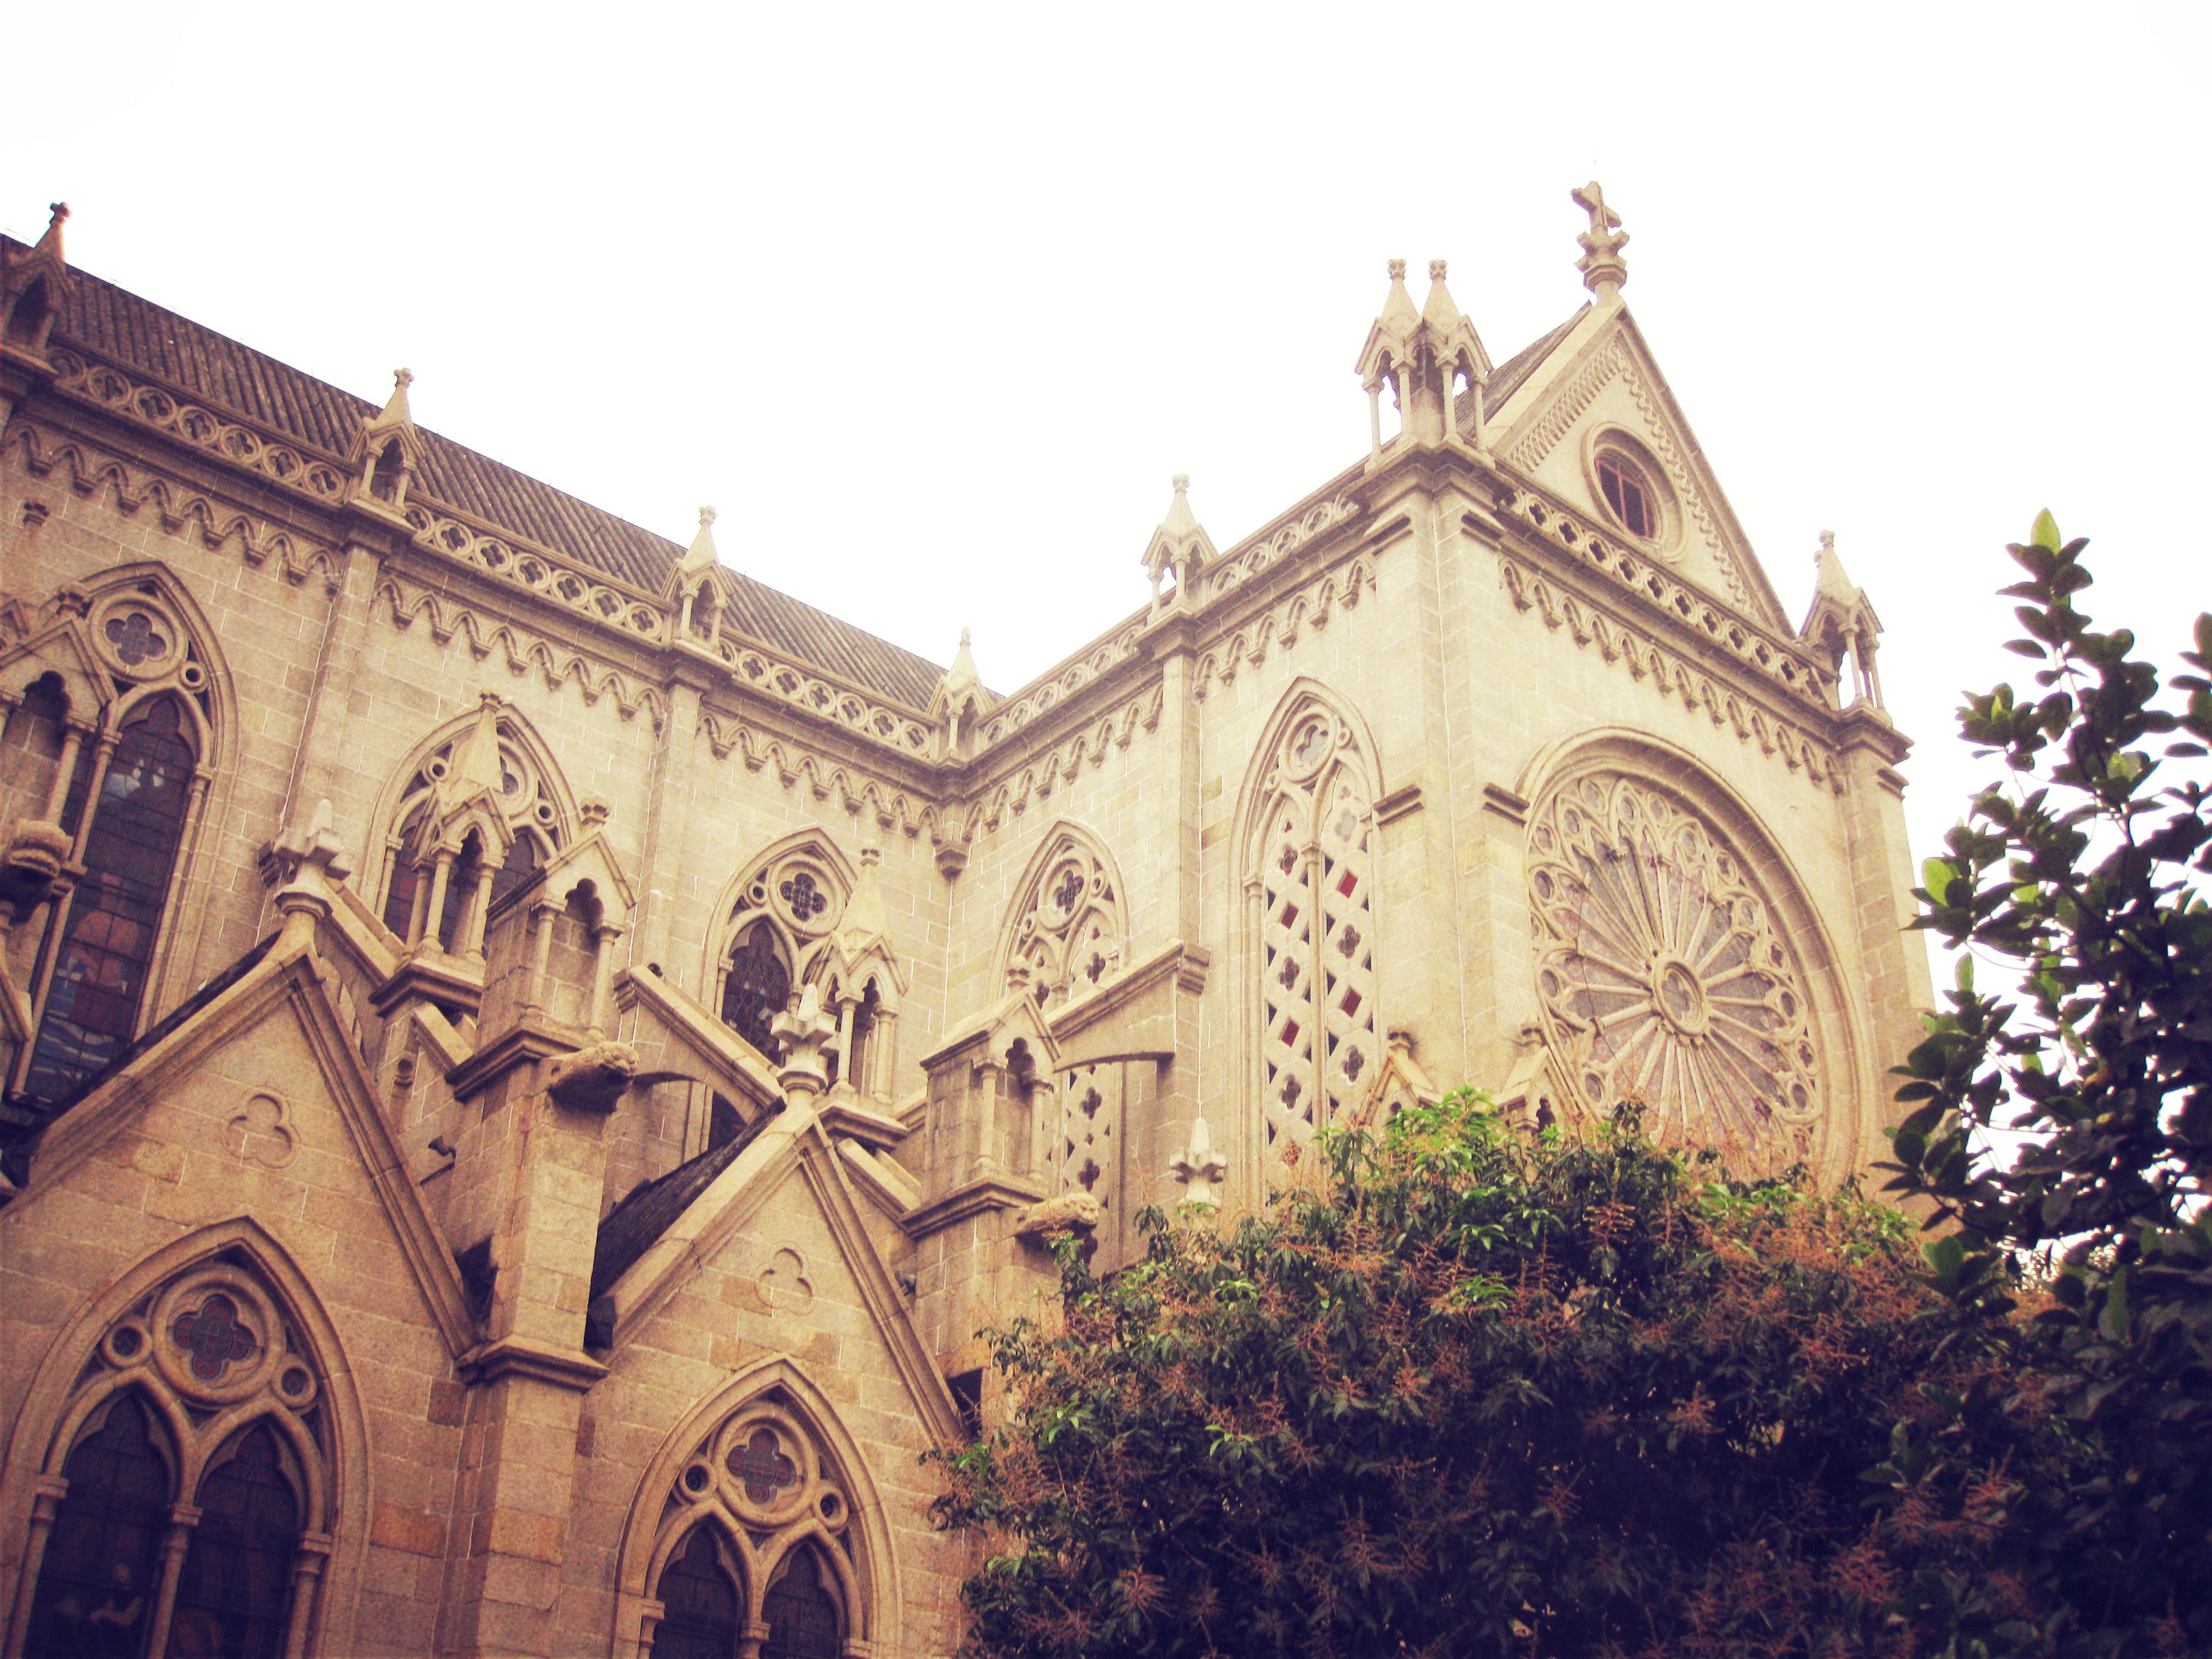 石室圣心大教堂,广州石室圣心大教堂攻略/地址/图片